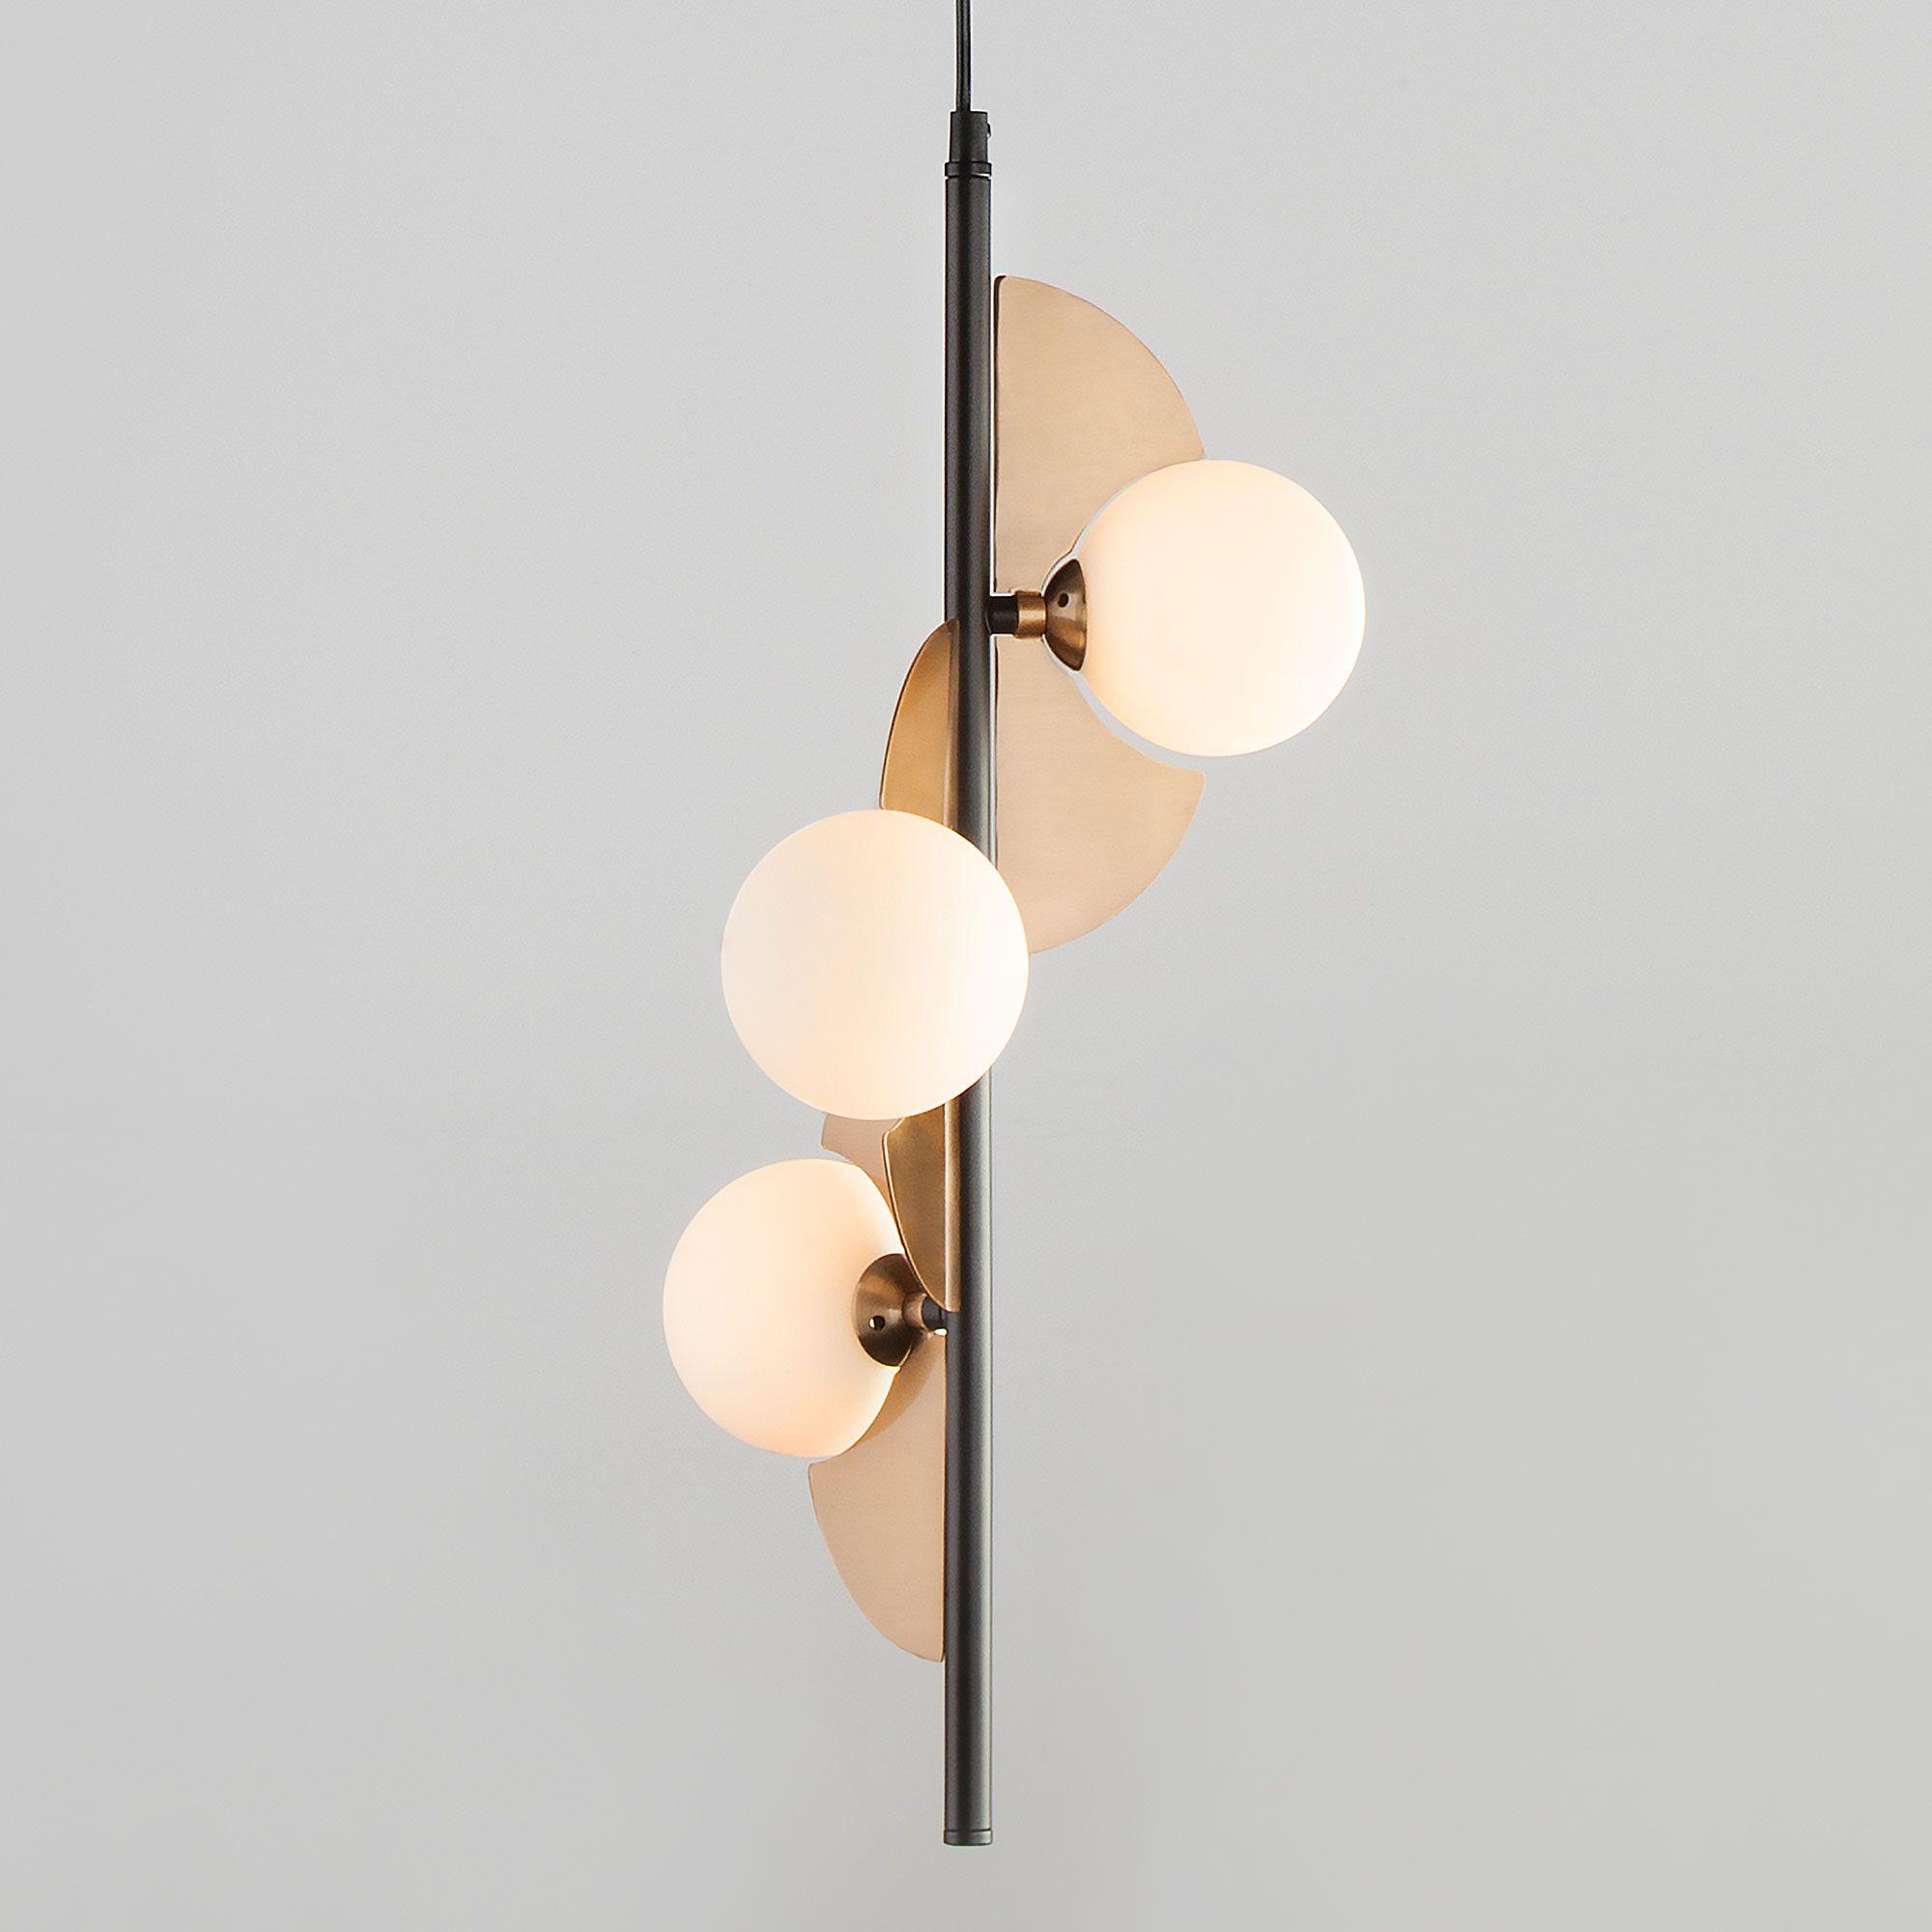 Подвесной светильник лофт с декоративными деталями 50143/3 золото/черный